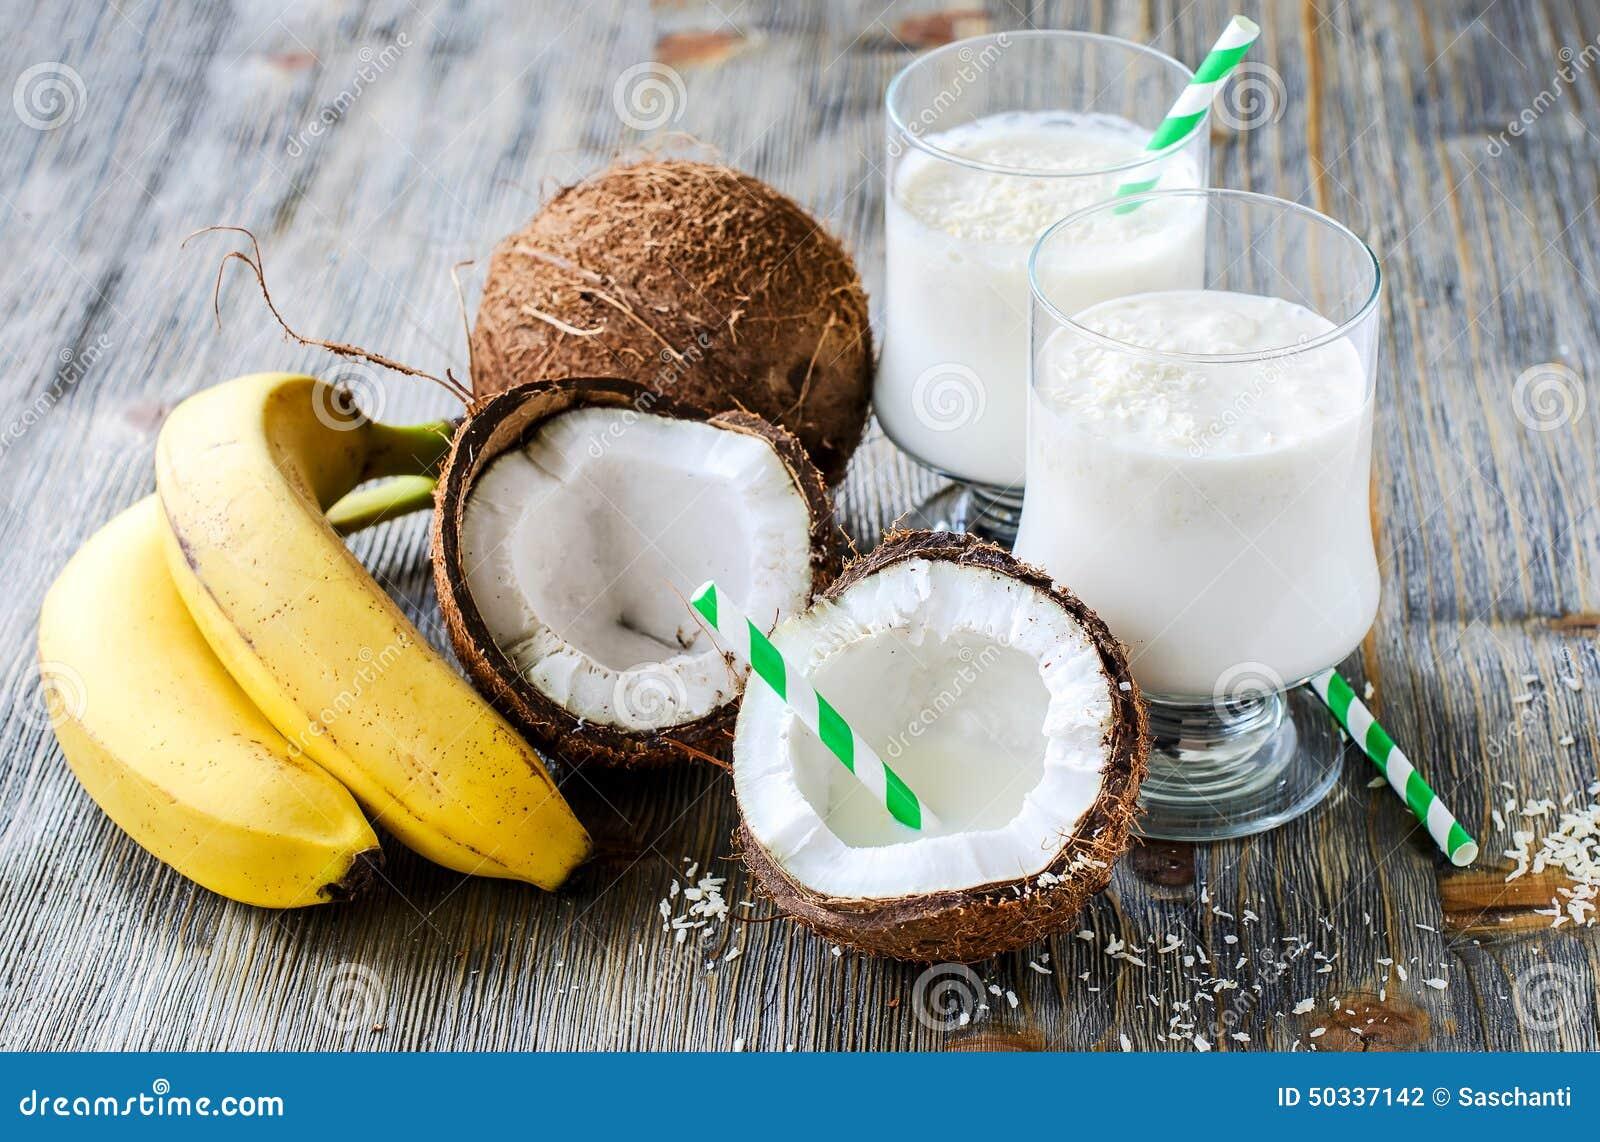 Kokosmilch Smoothiegetränk mit Bananen auf hölzernem Hintergrund